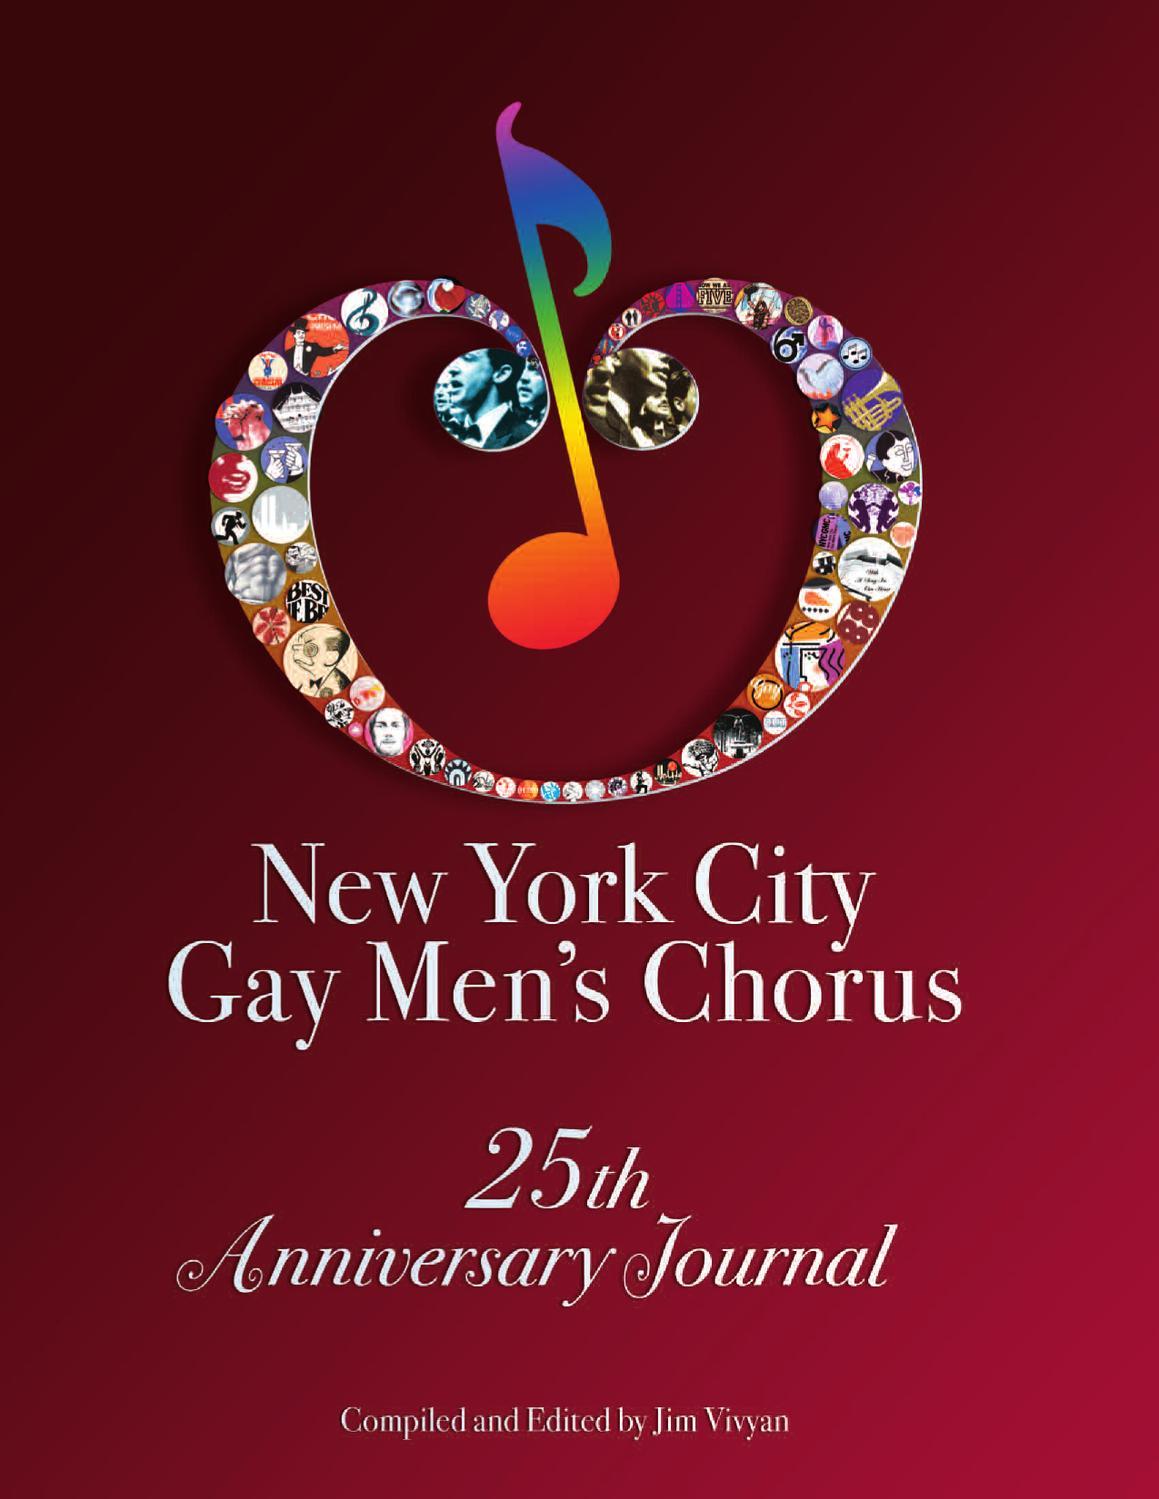 New York City Gay Men's Chorus 25th Anniversary Journal by Jim Vivyan -  issuu